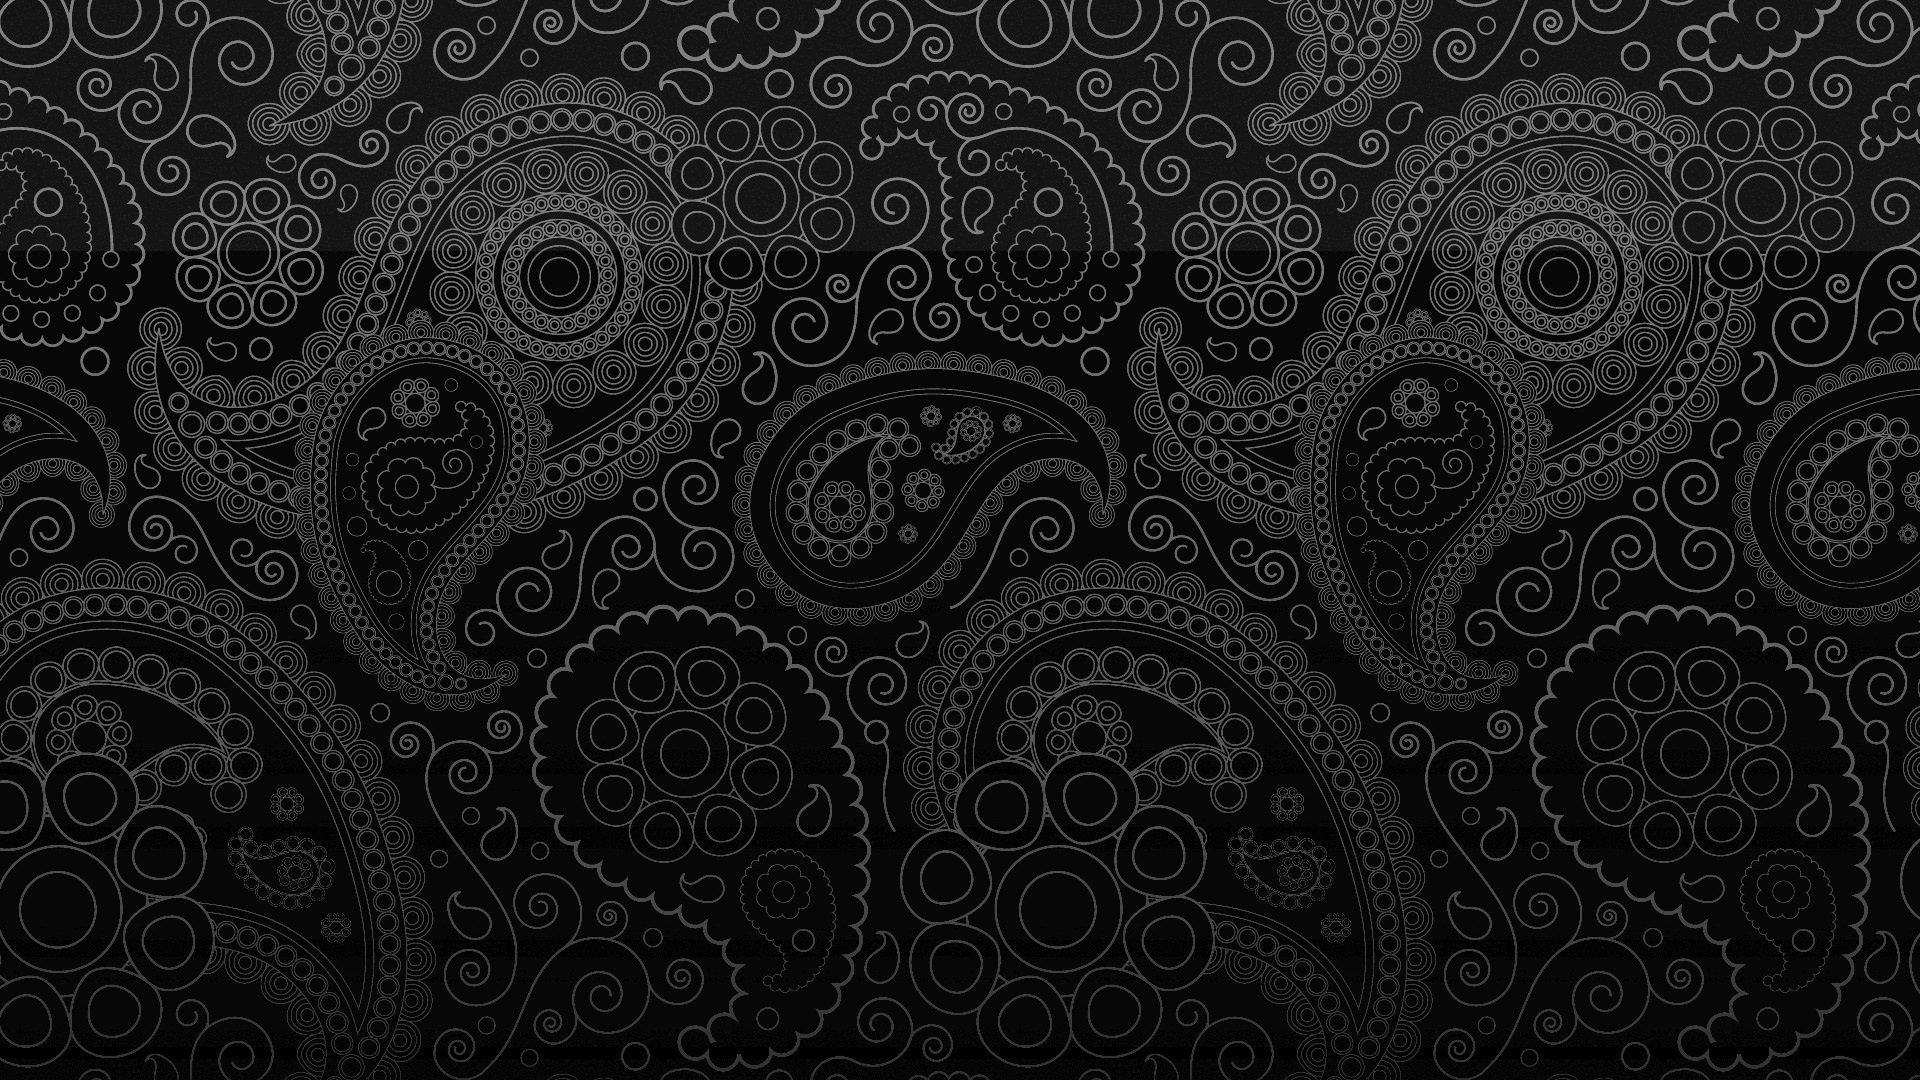 Черно белые узоры : картинки и фото черно белые узоры, скачать рисунки